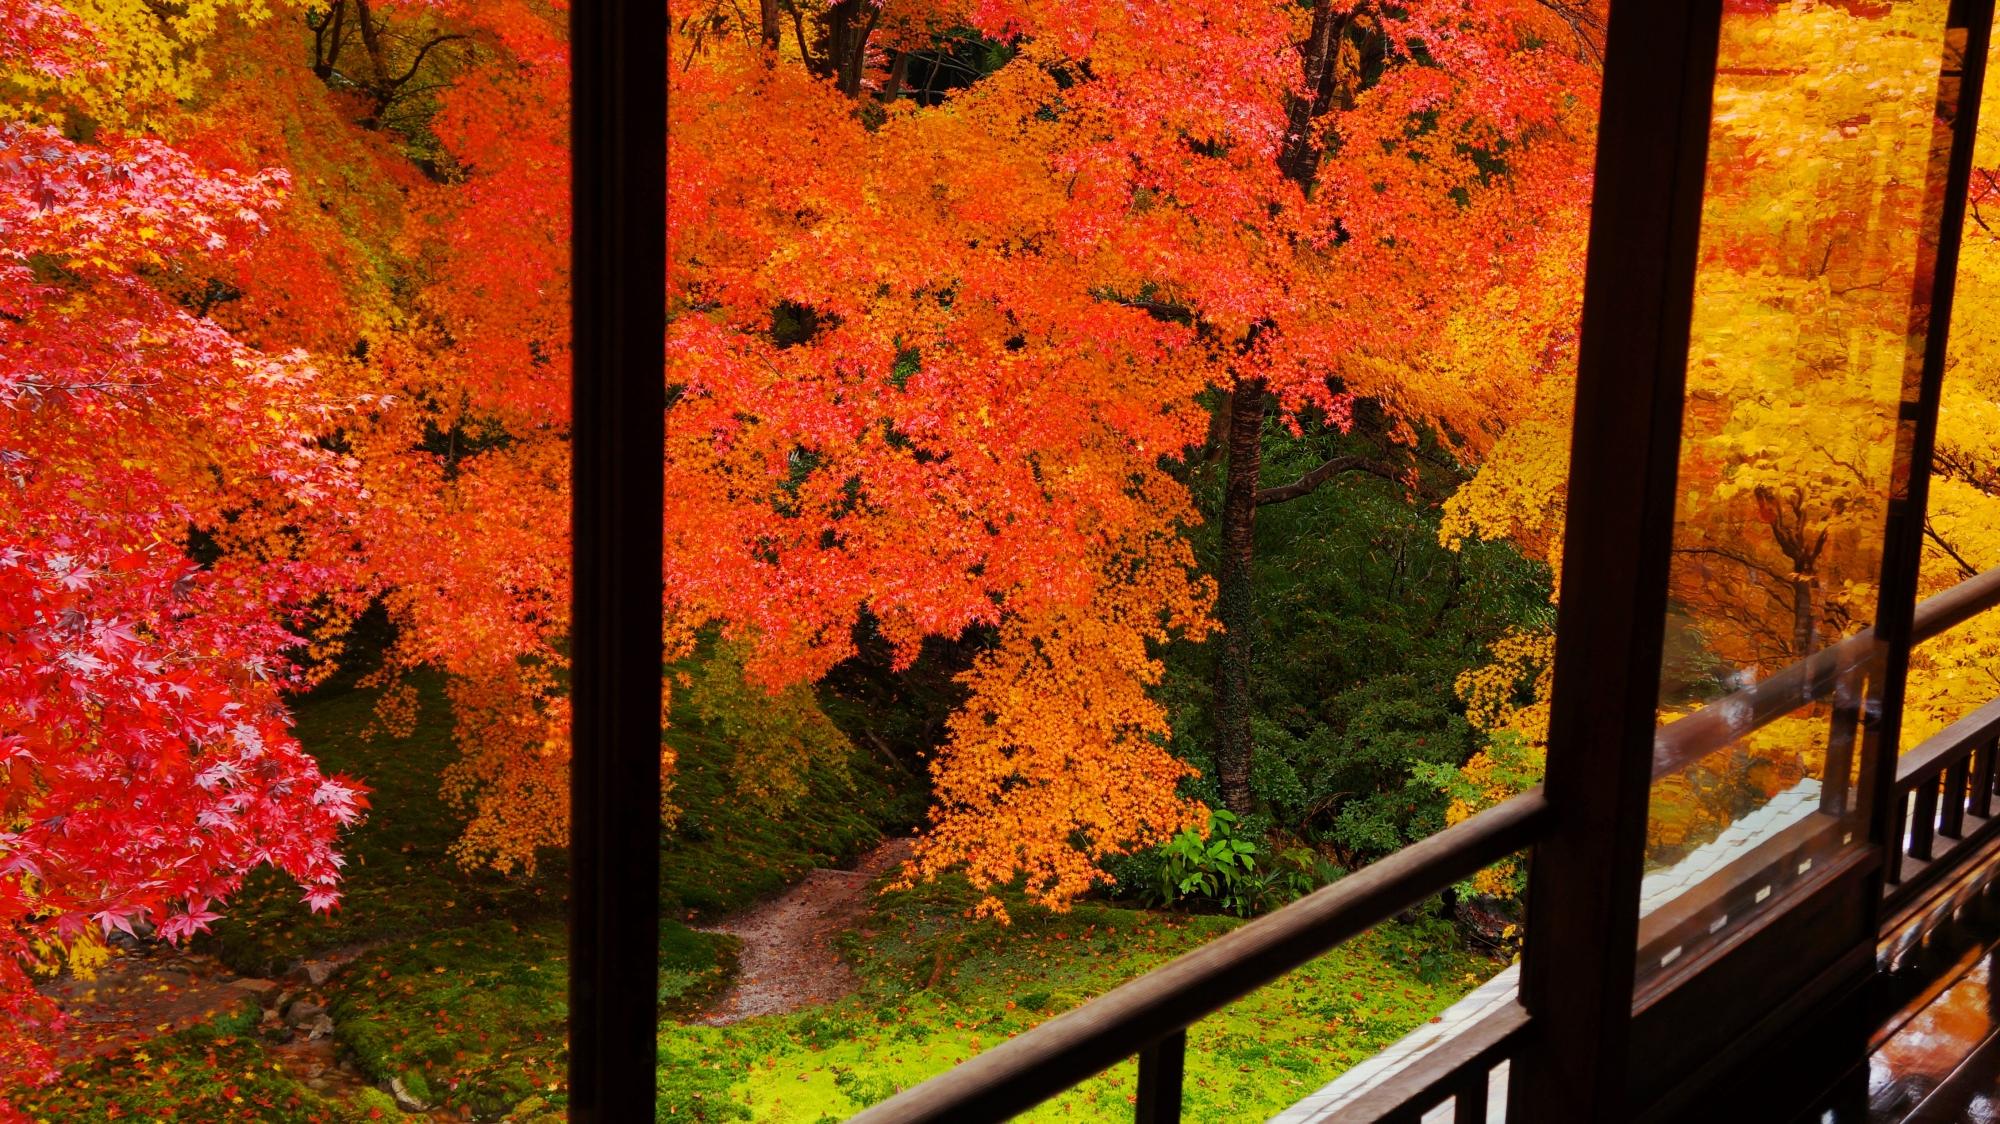 瑠璃光院の窓際から見下ろす色とりどりの紅葉